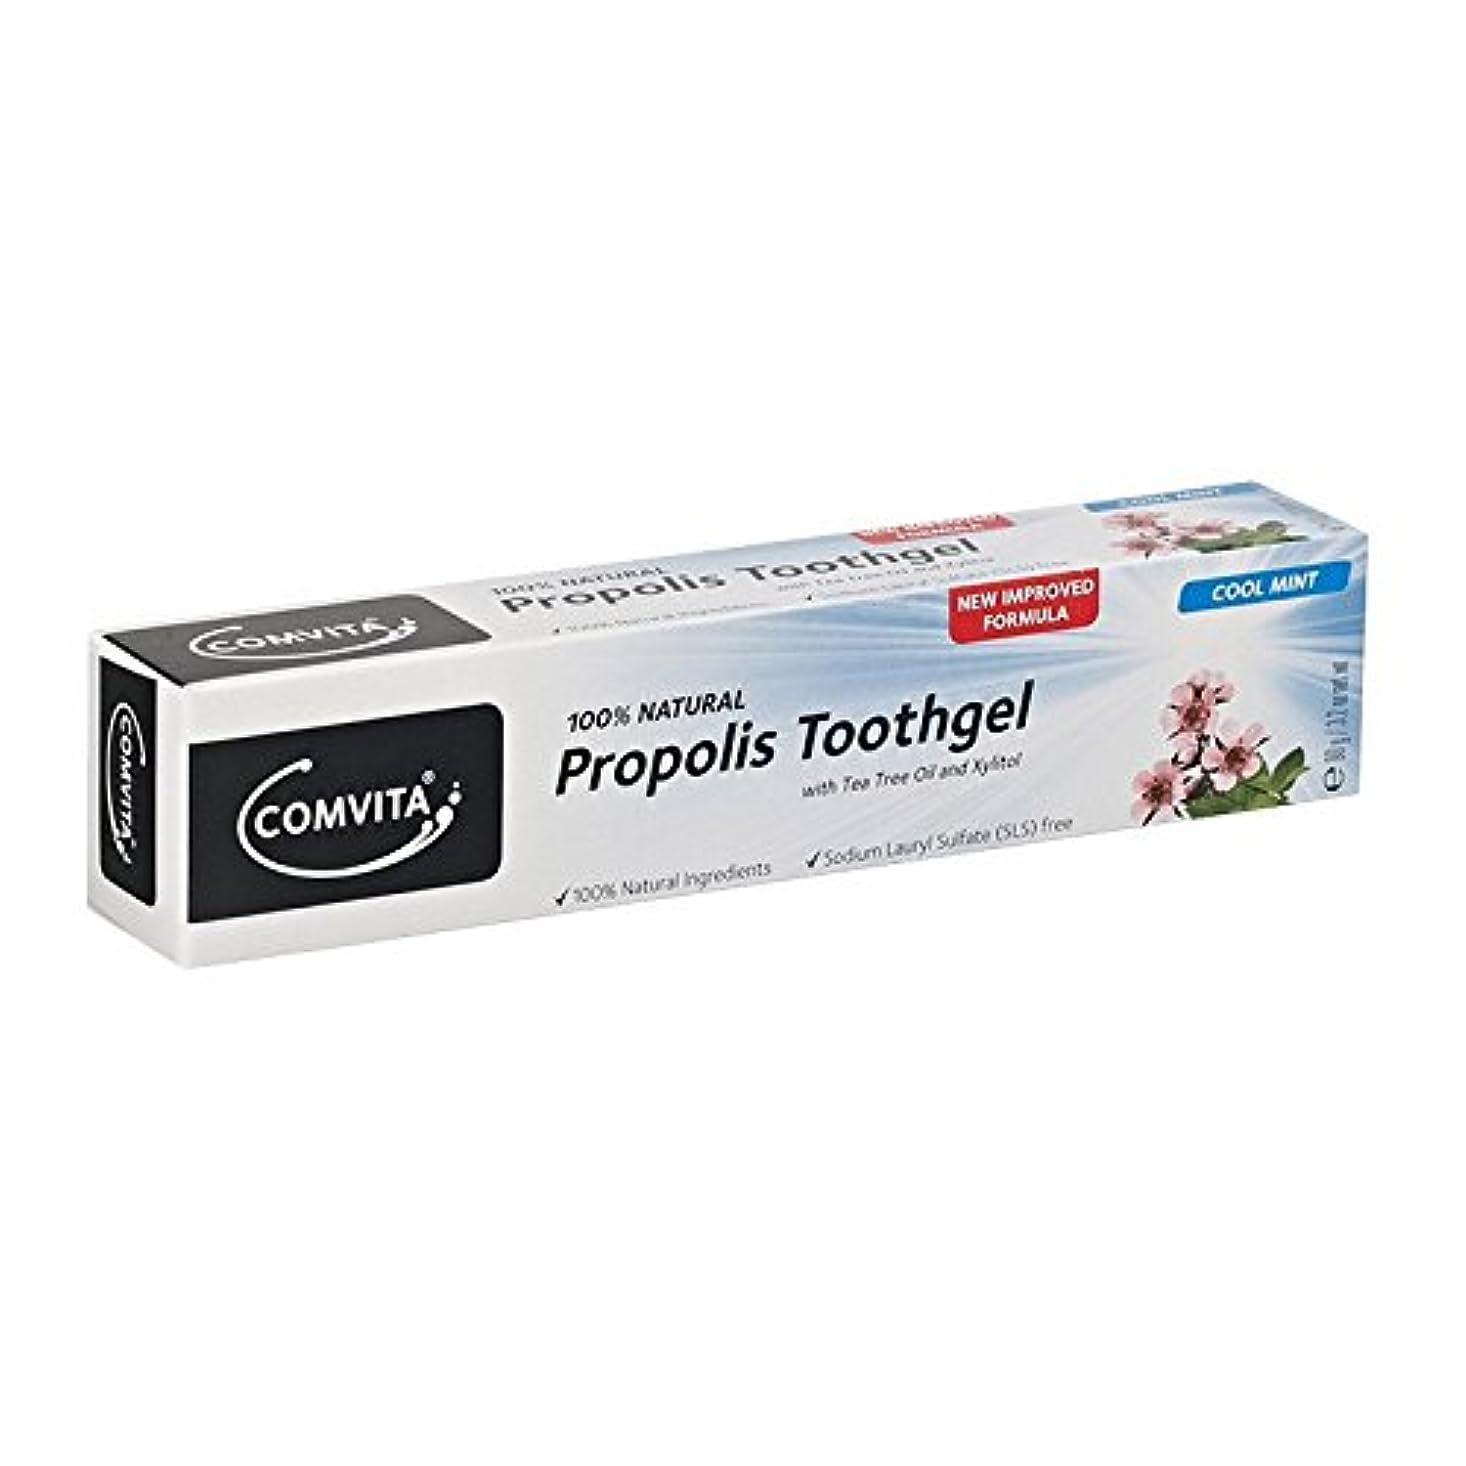 傾向がありますごちそう怒っているComvita 100 Natural Propolis Toothgel (Pack of 6) - コンビタ100天然プロポリスToothgel (x6) [並行輸入品]